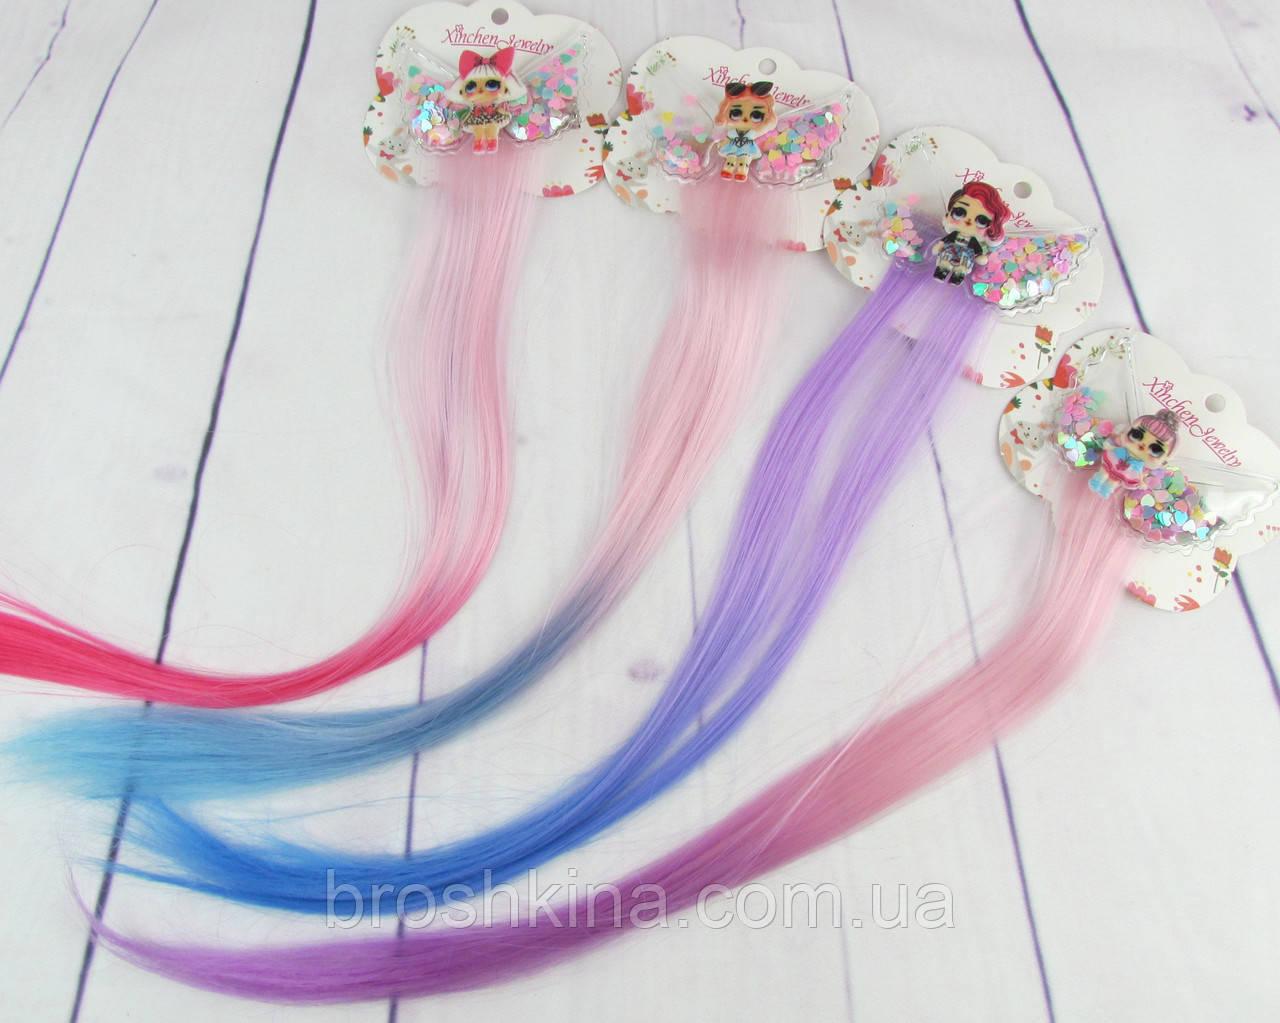 Детские заколки для волос LOL с цветными прядками 35 см 6 шт/уп.